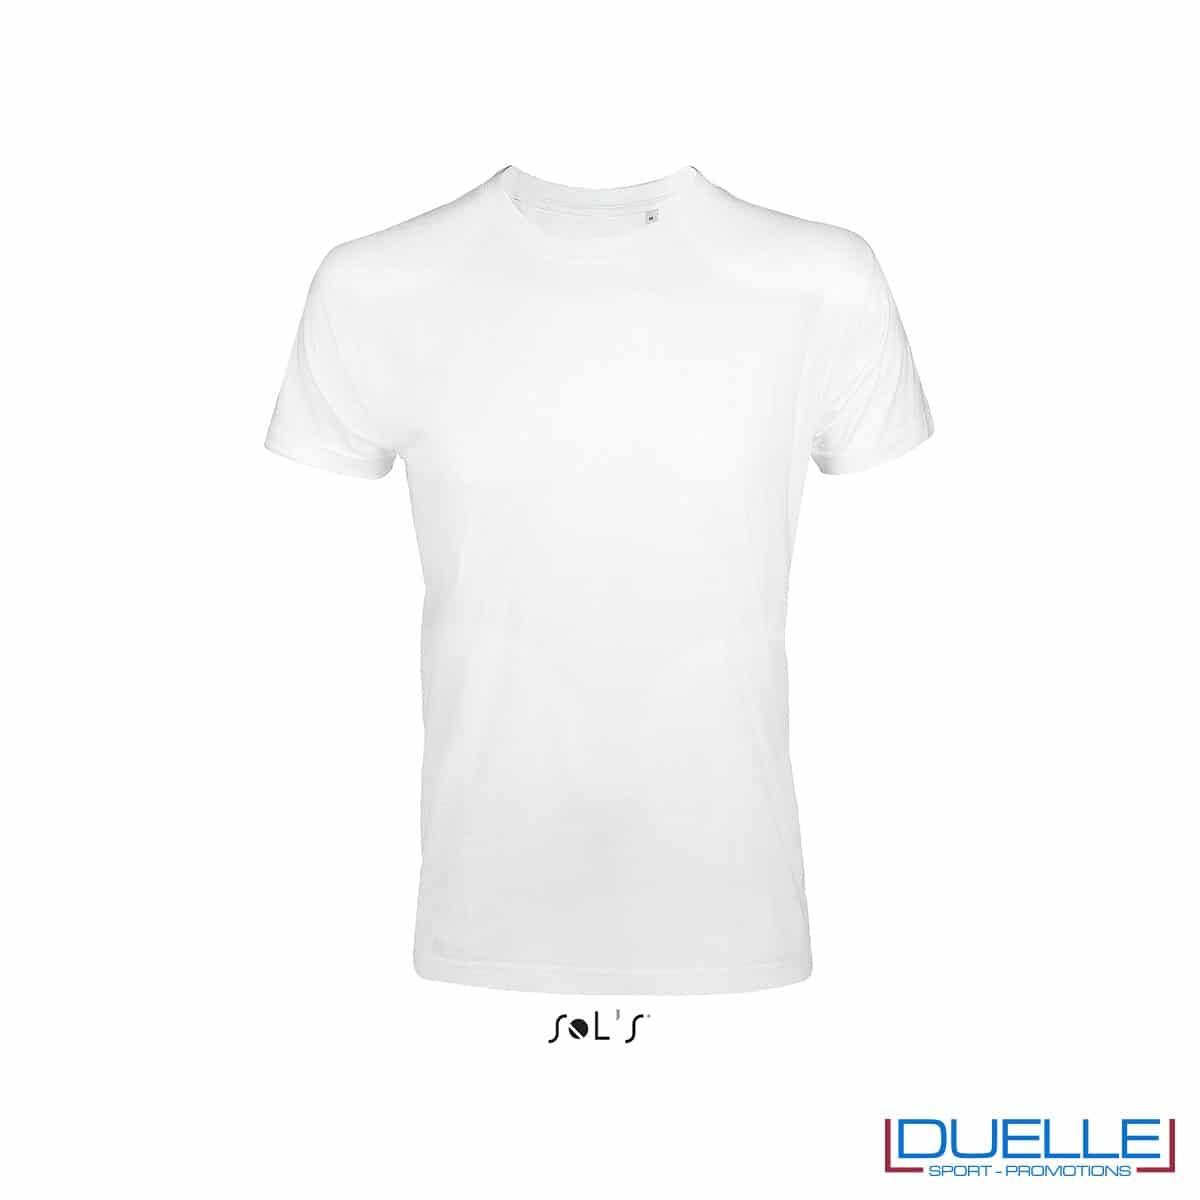 Maglietta uomo slim fit in cotone pesante colore bianco